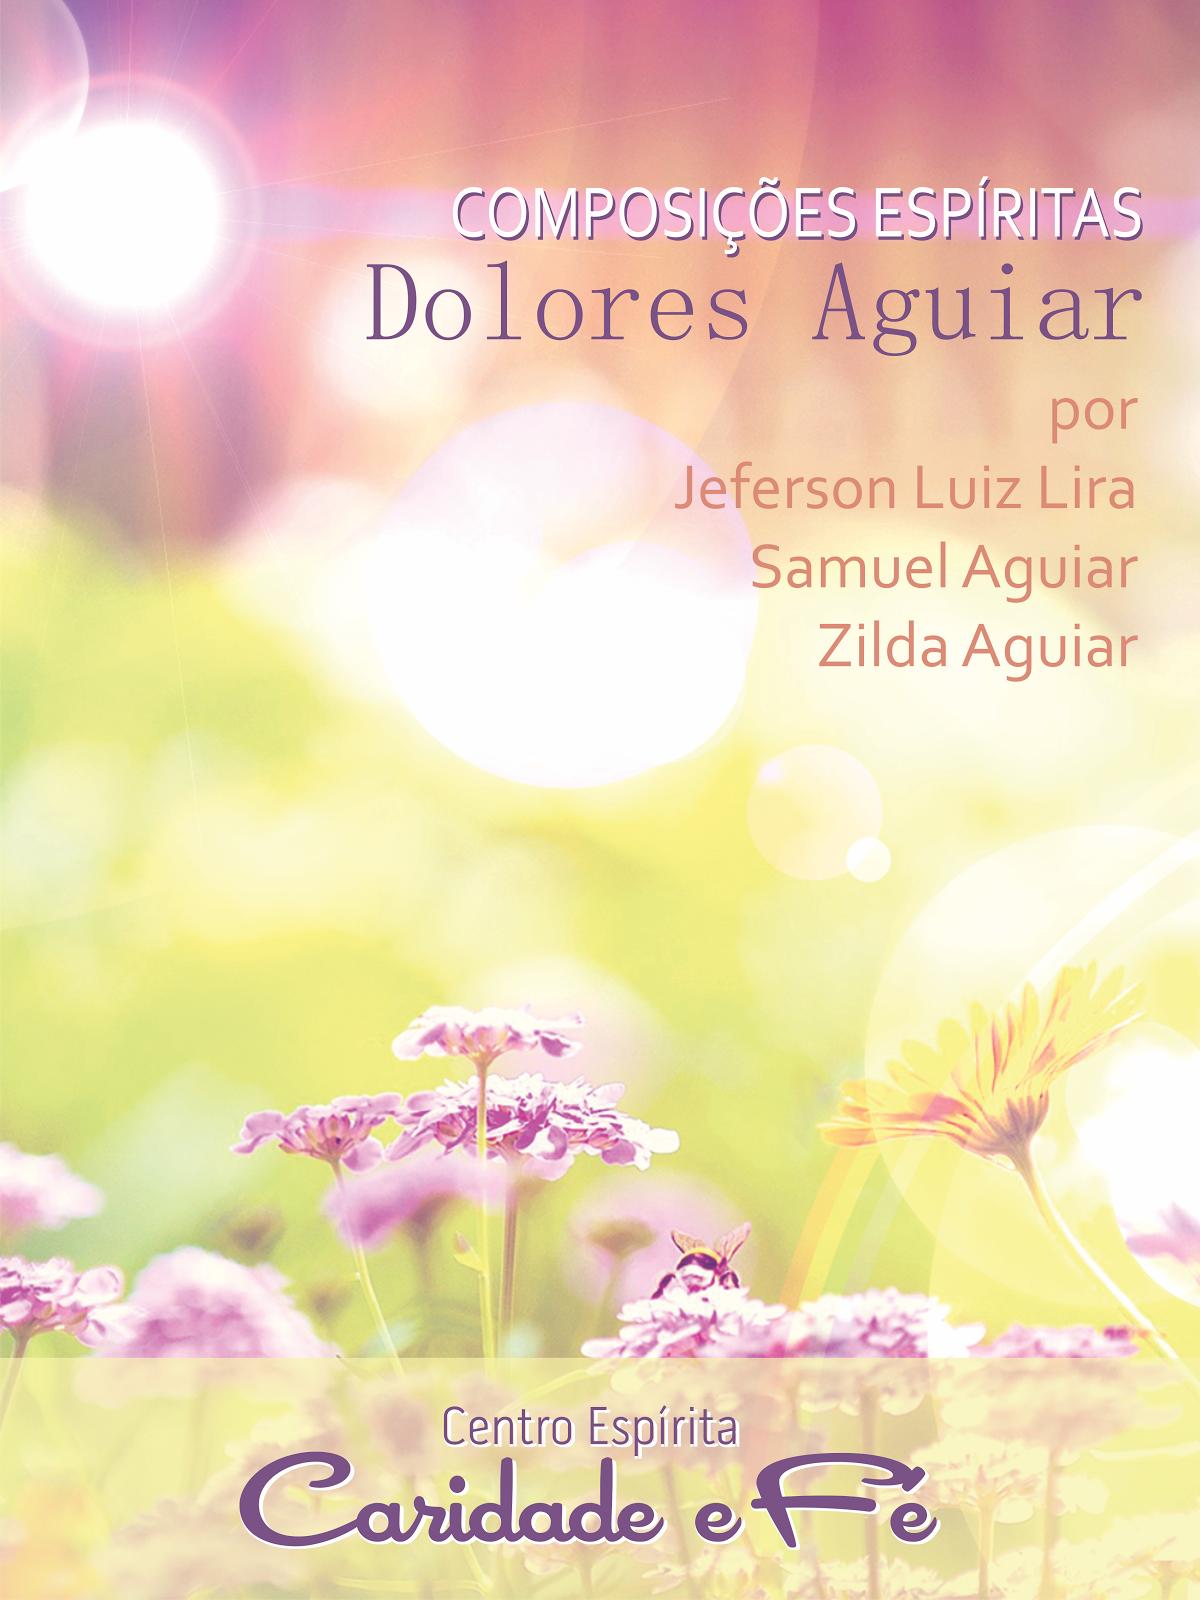 CD Composições espíritas de Maria Dolores